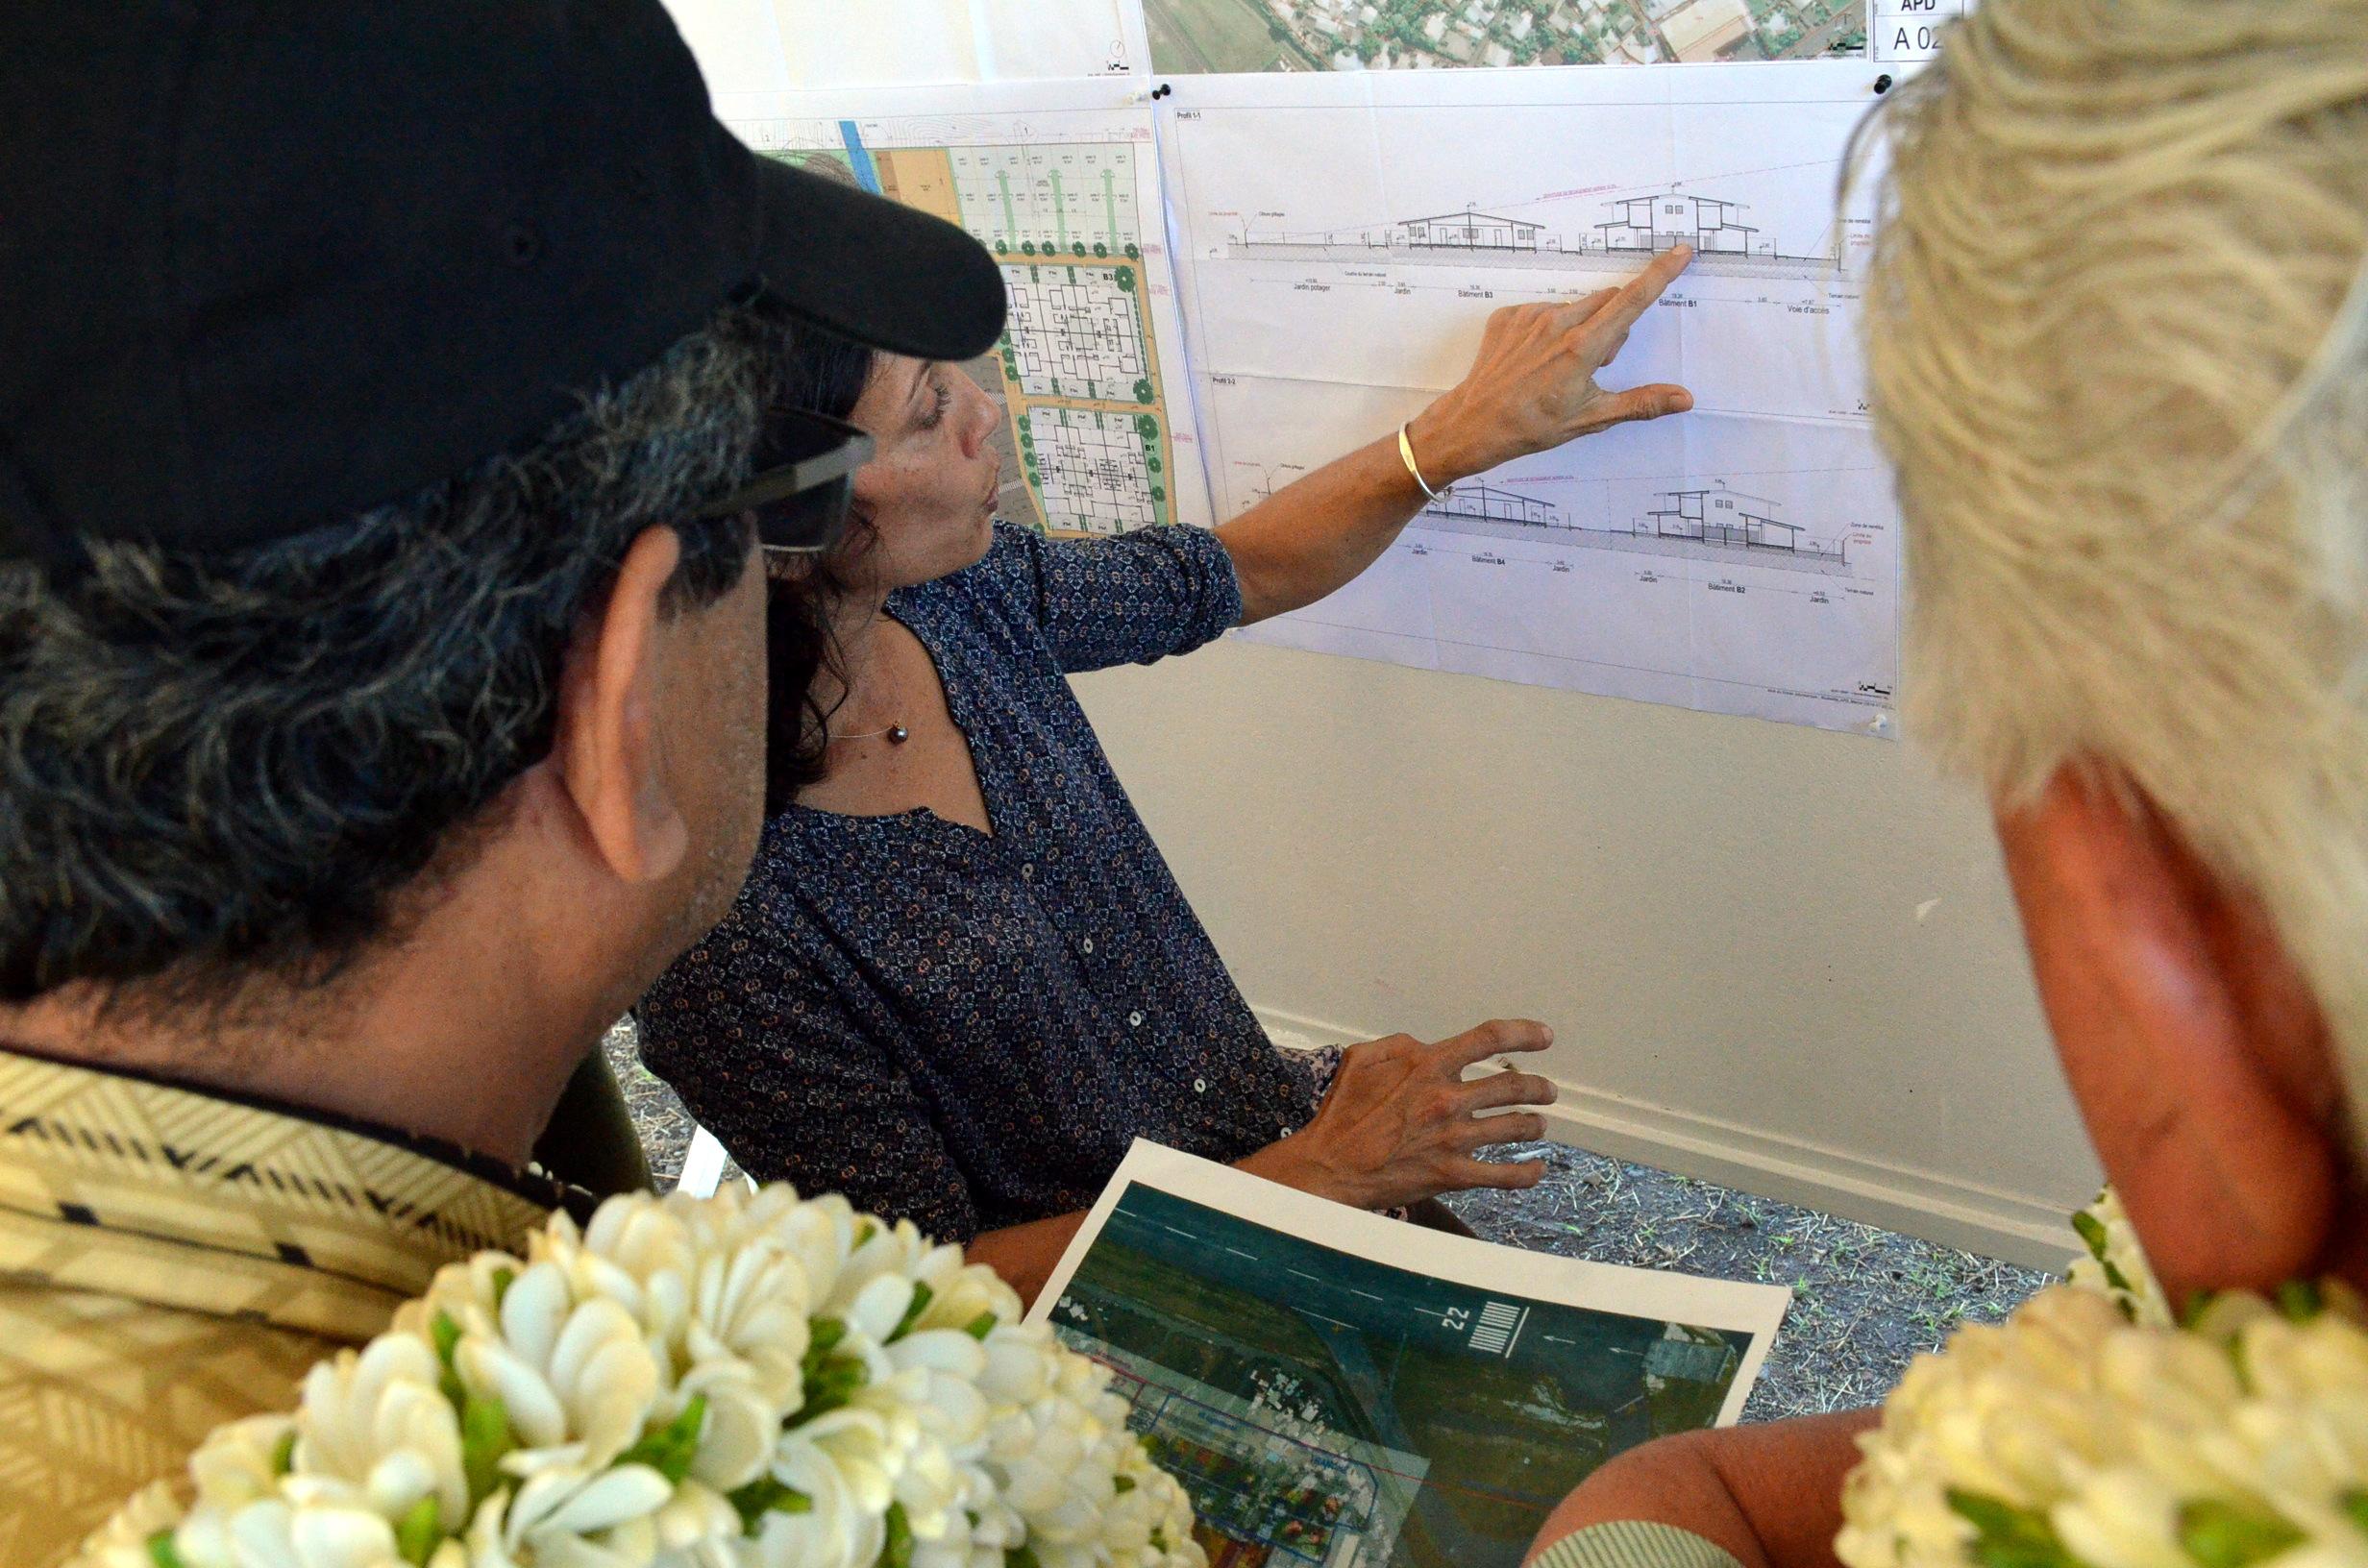 Les travaux de résorption du logement insalubre devraient commencer début 2017